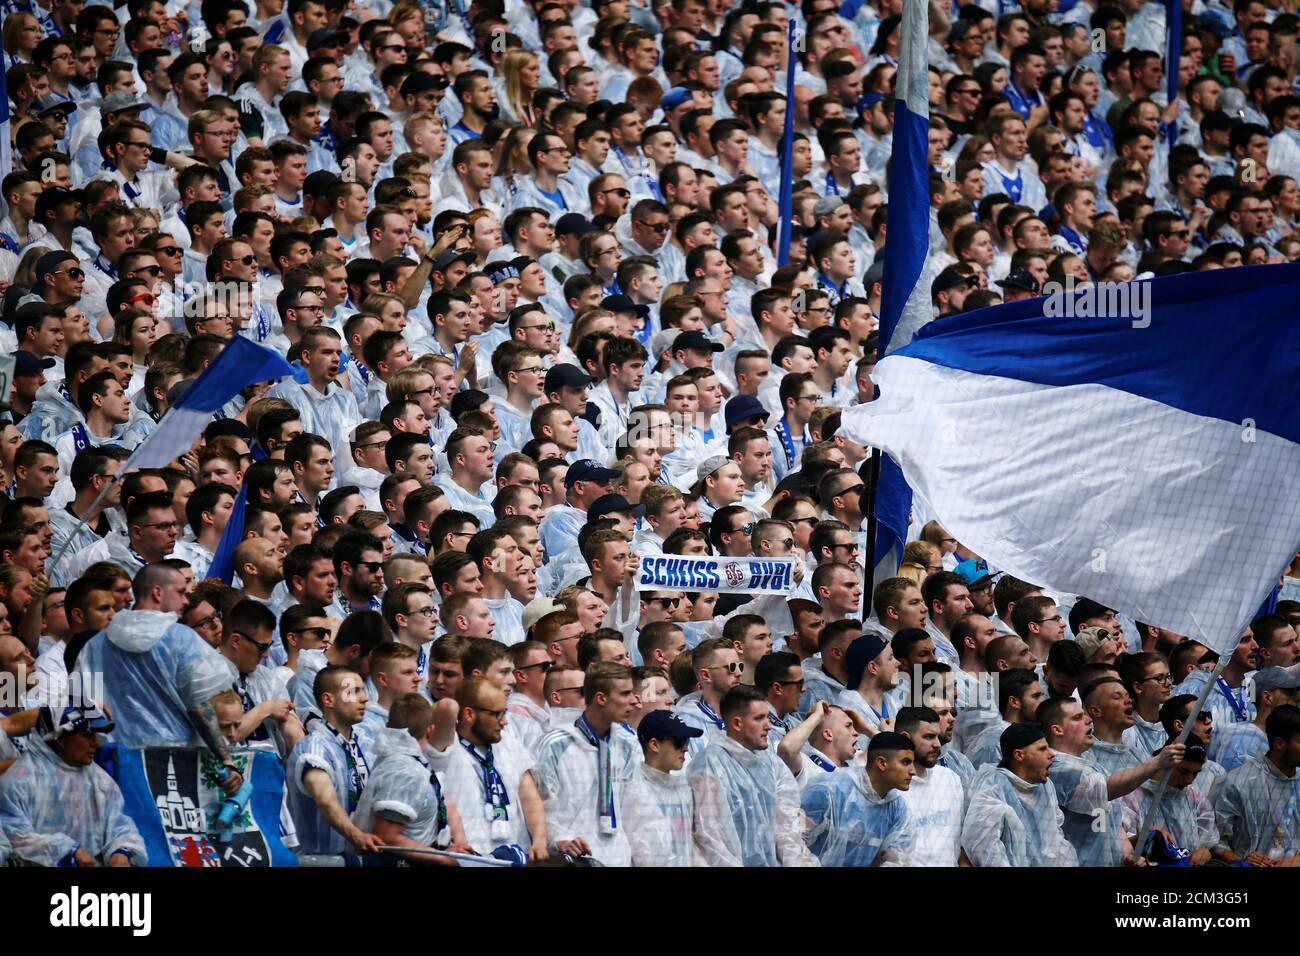 Calcio Calcio - Bundesliga - Schalke 04 vs Borussia Dortmund - Veltins-Arena, Gelsenkirchen, Germania - 15 aprile 2018 tifosi di Schalke REUTERS/LEON KUEGELER DFL REGOLA PER LIMITARE L'USO ONLINE DURANTE IL TEMPO DI PARTITA A 15 IMMAGINI PER GIOCO. LE SEQUENZE DI IMMAGINI PER SIMULARE IL VIDEO NON SONO CONSENTITE IN NESSUN MOMENTO. PER ULTERIORI DOMANDE, CONTATTARE DFL DIRETTAMENTE AL NUMERO + 49 69 650050 Foto Stock